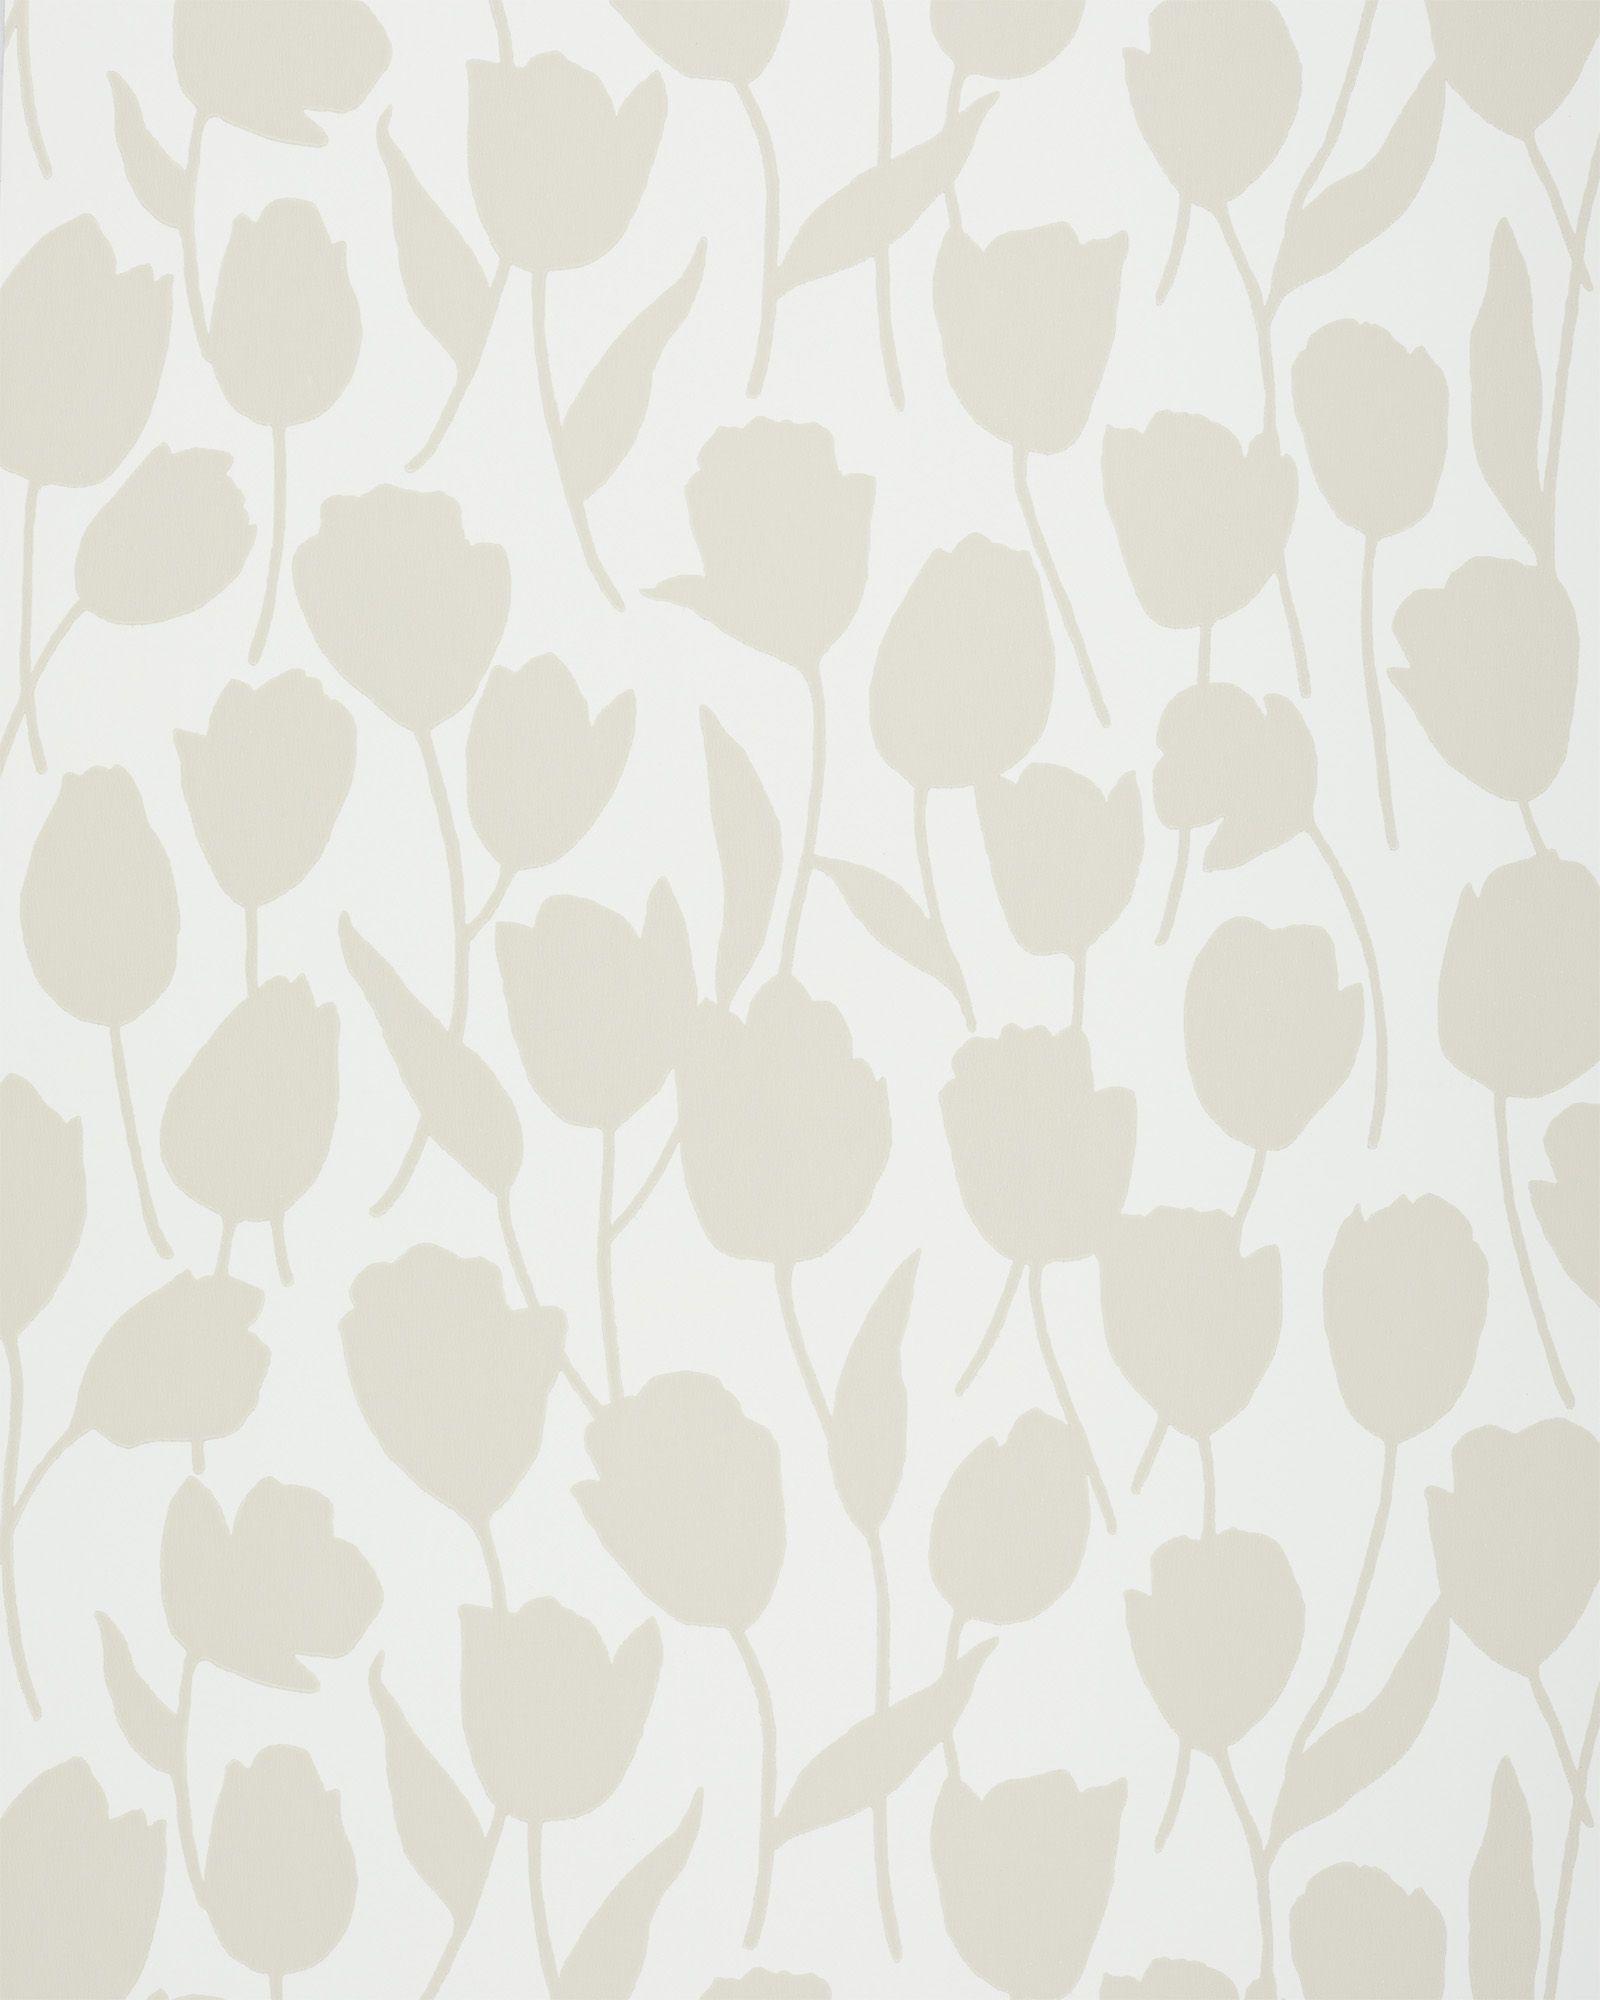 Cortina WallpaperCortina Wallpaper Serena and lily